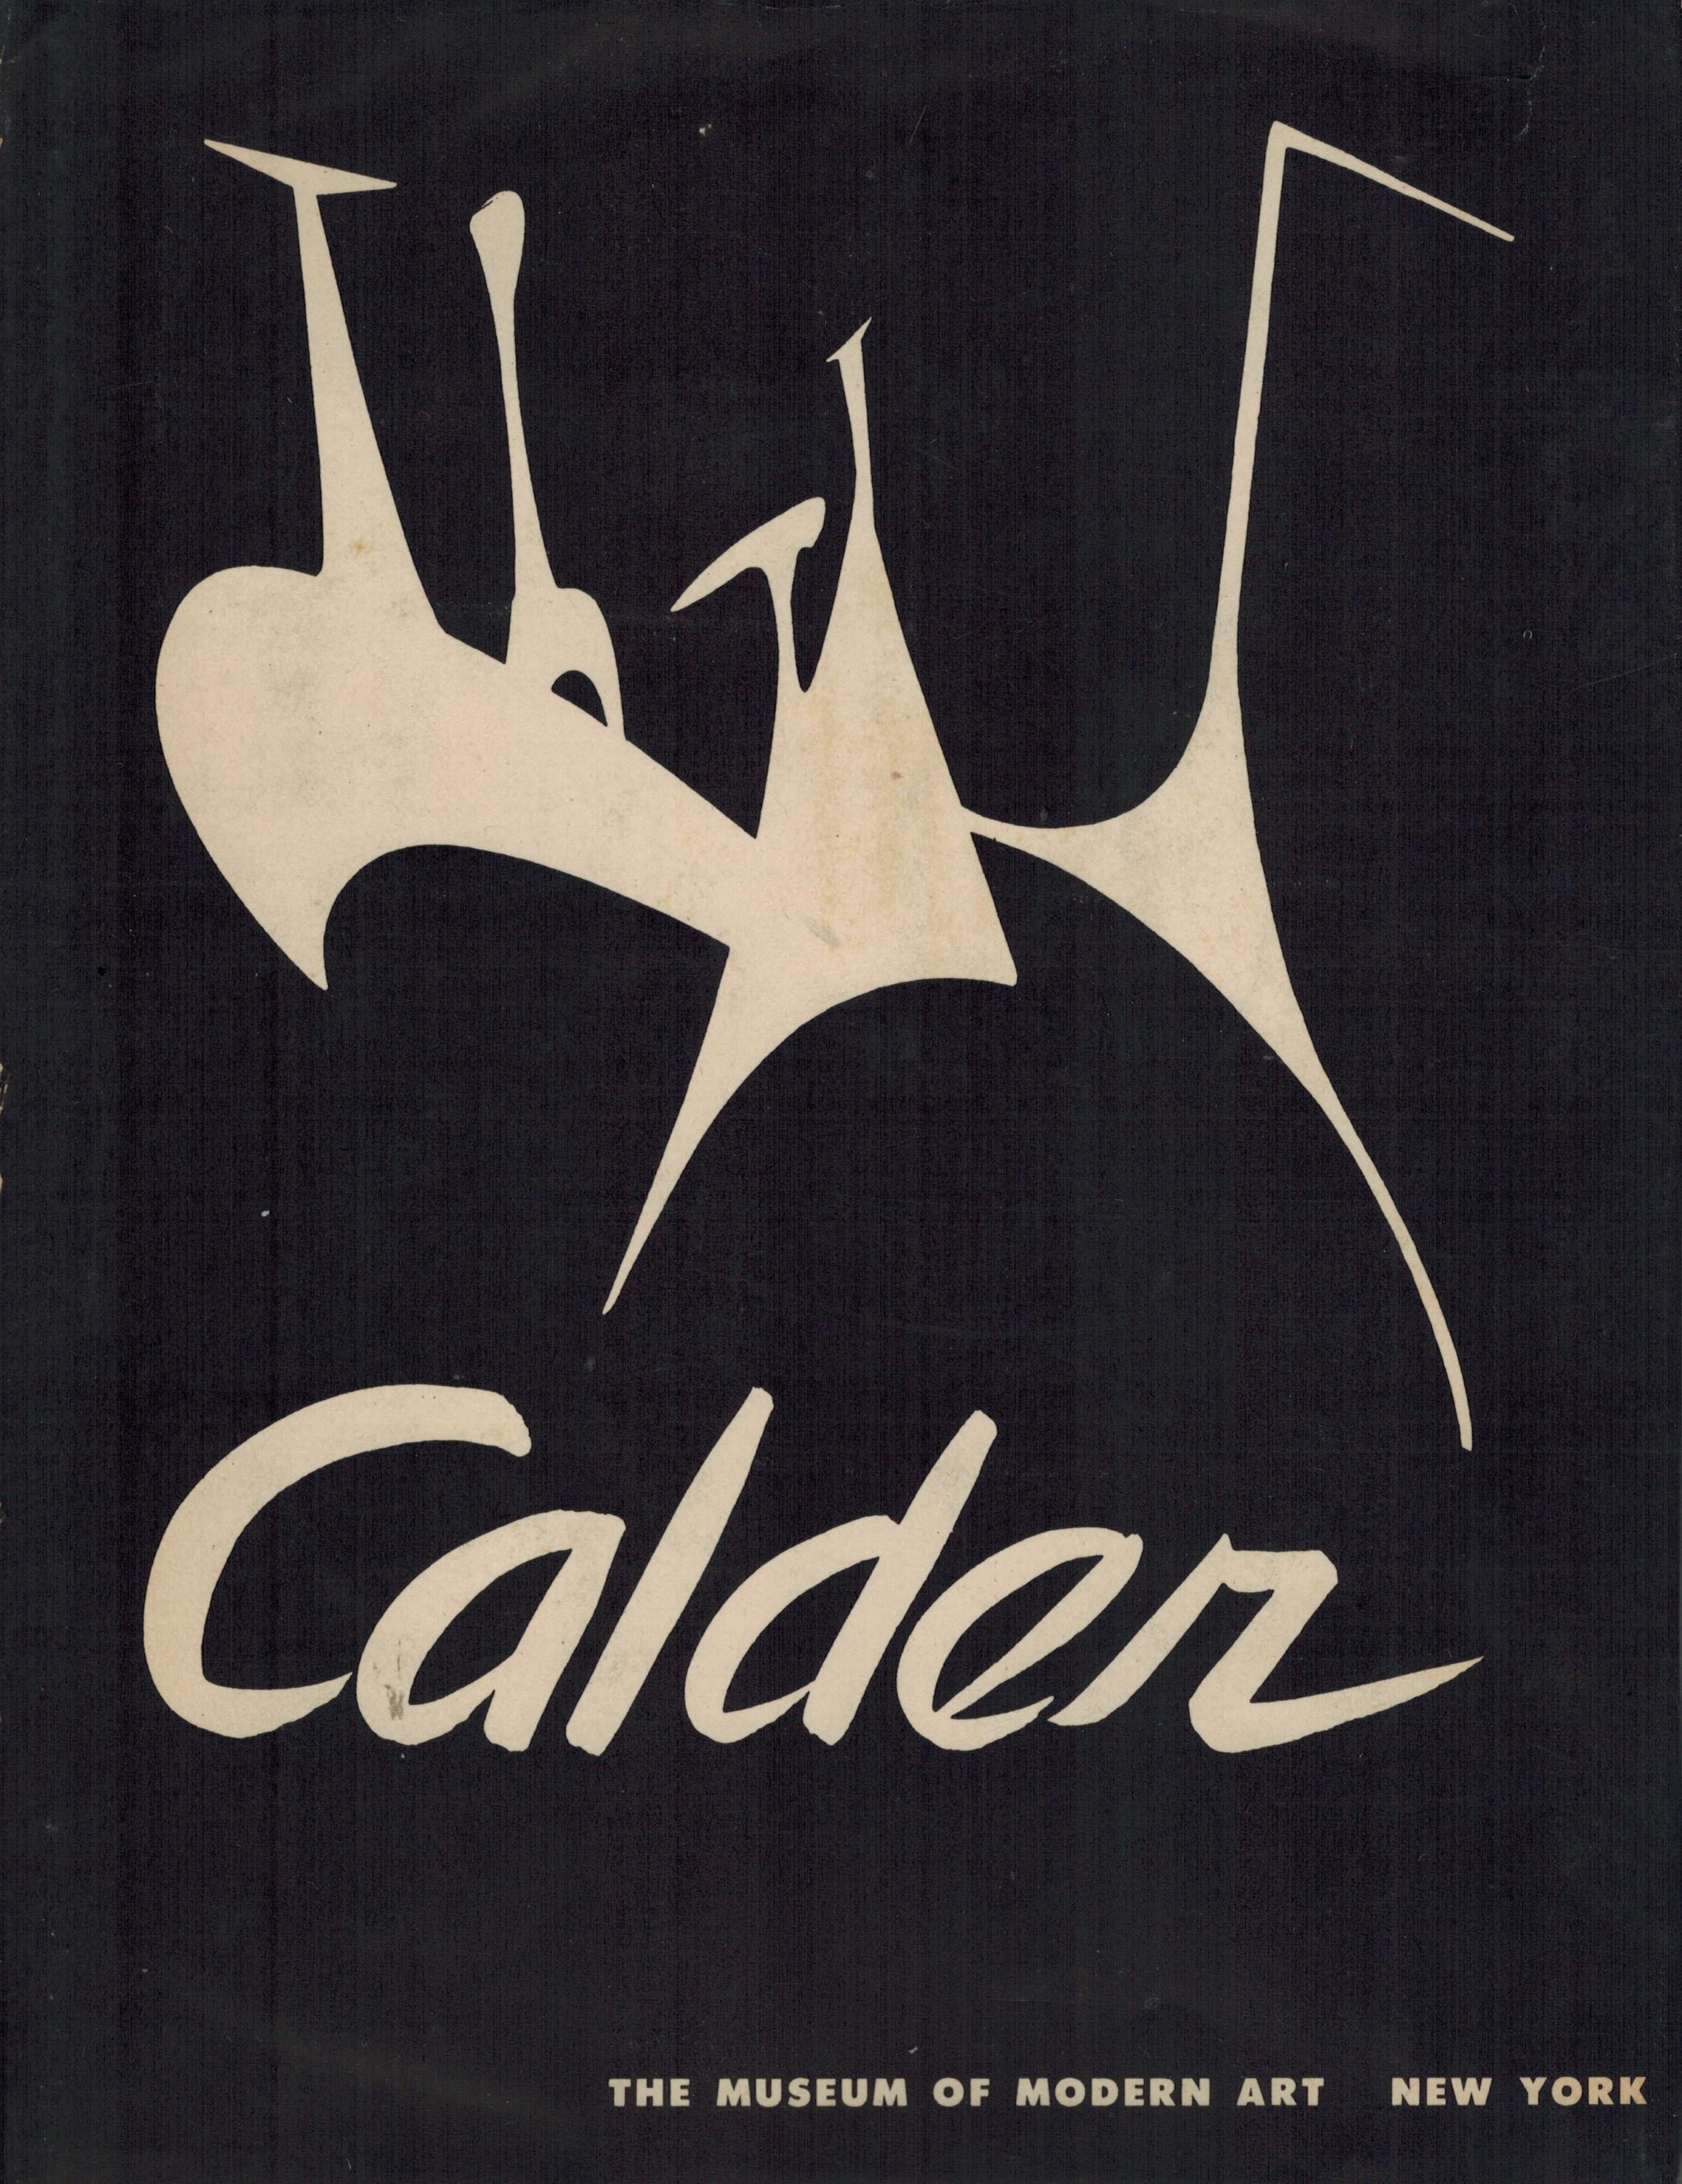 (CALDER, ALEXANDER). SWEENEY, JAMES JOHNSON - ALEXANDER CALDER - A BOLDLY SIGNED ASSOCIATION COPY